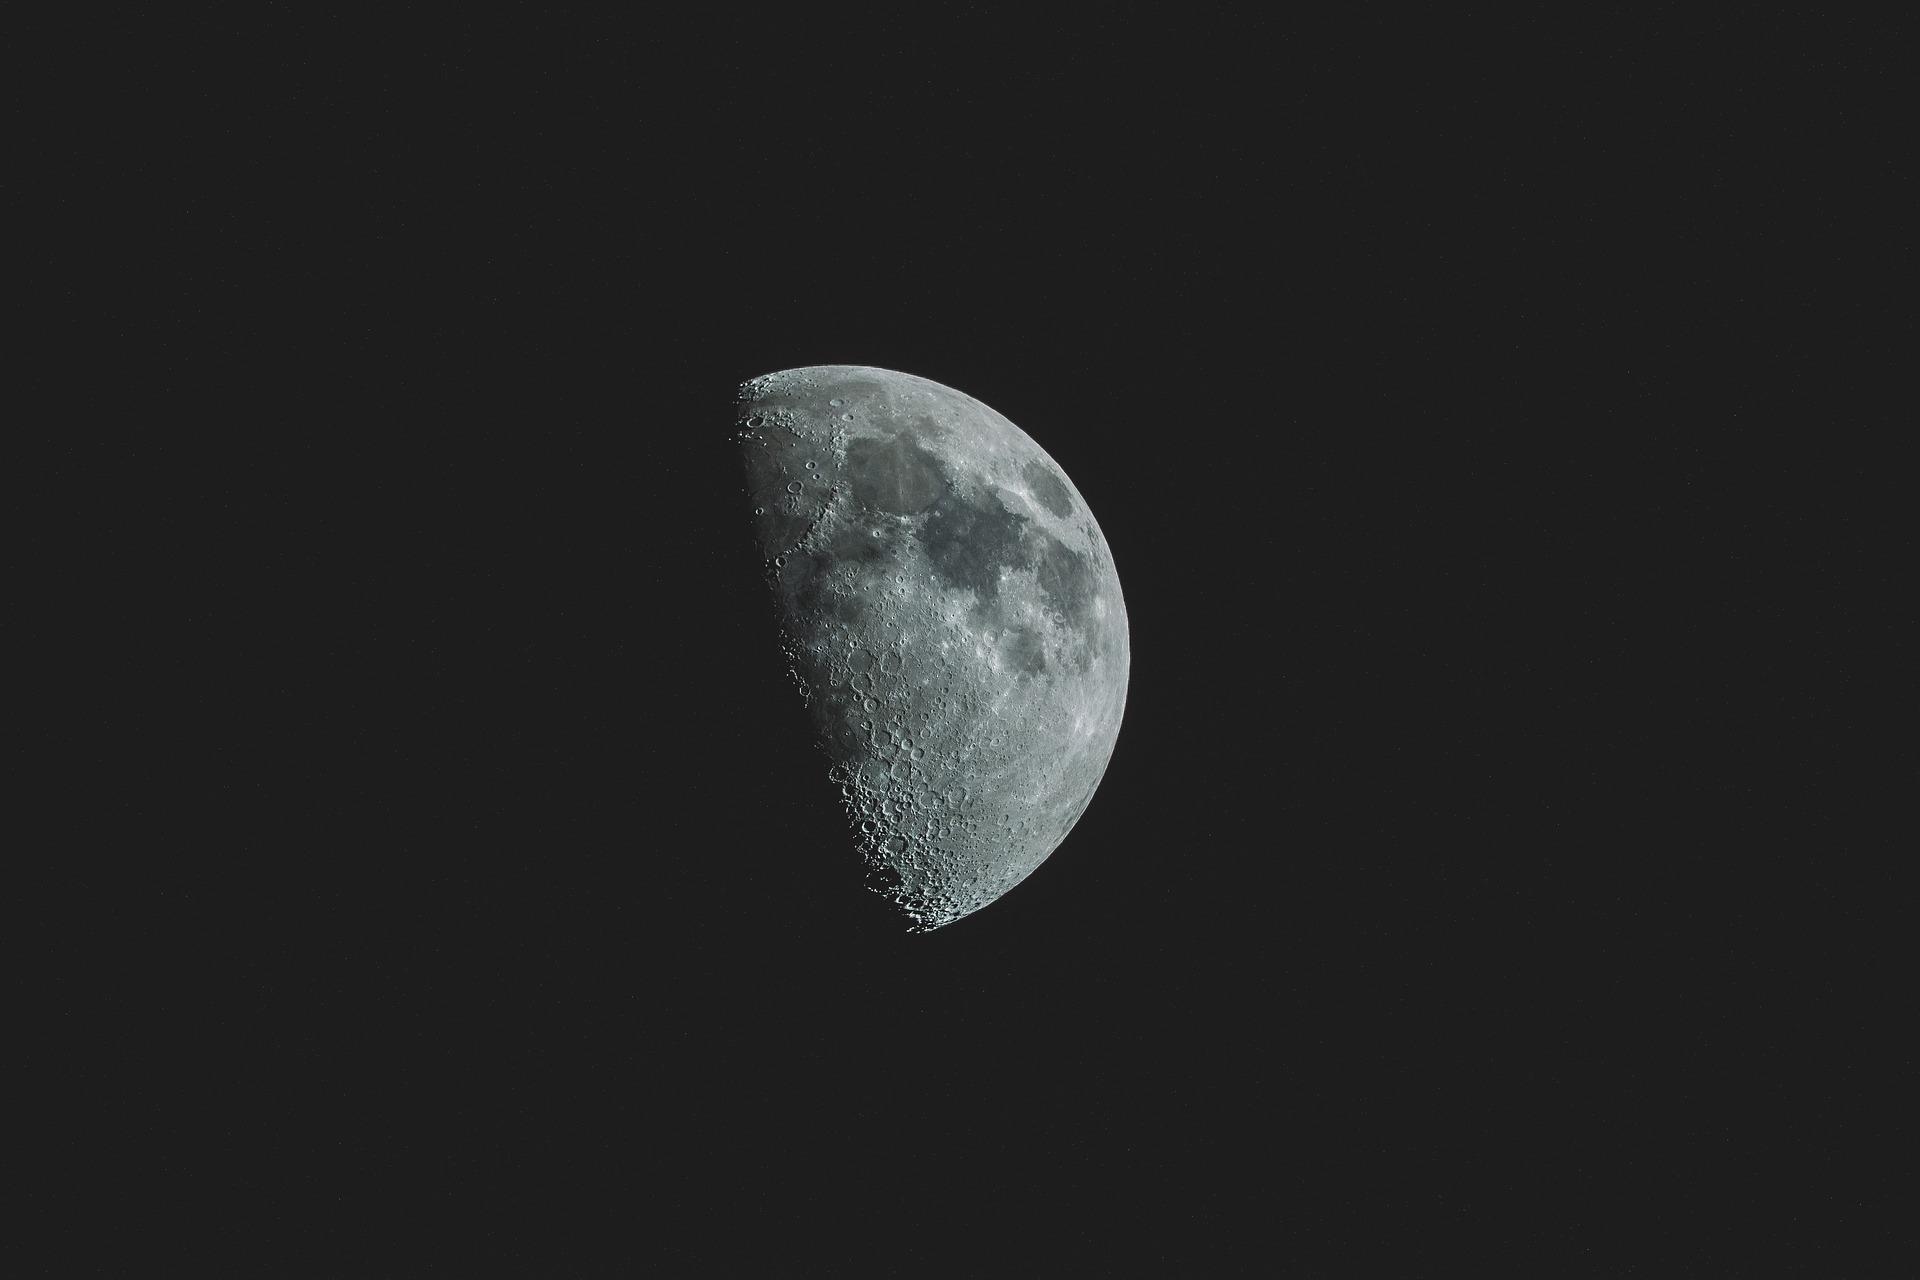 Warum leuchtet der Mond